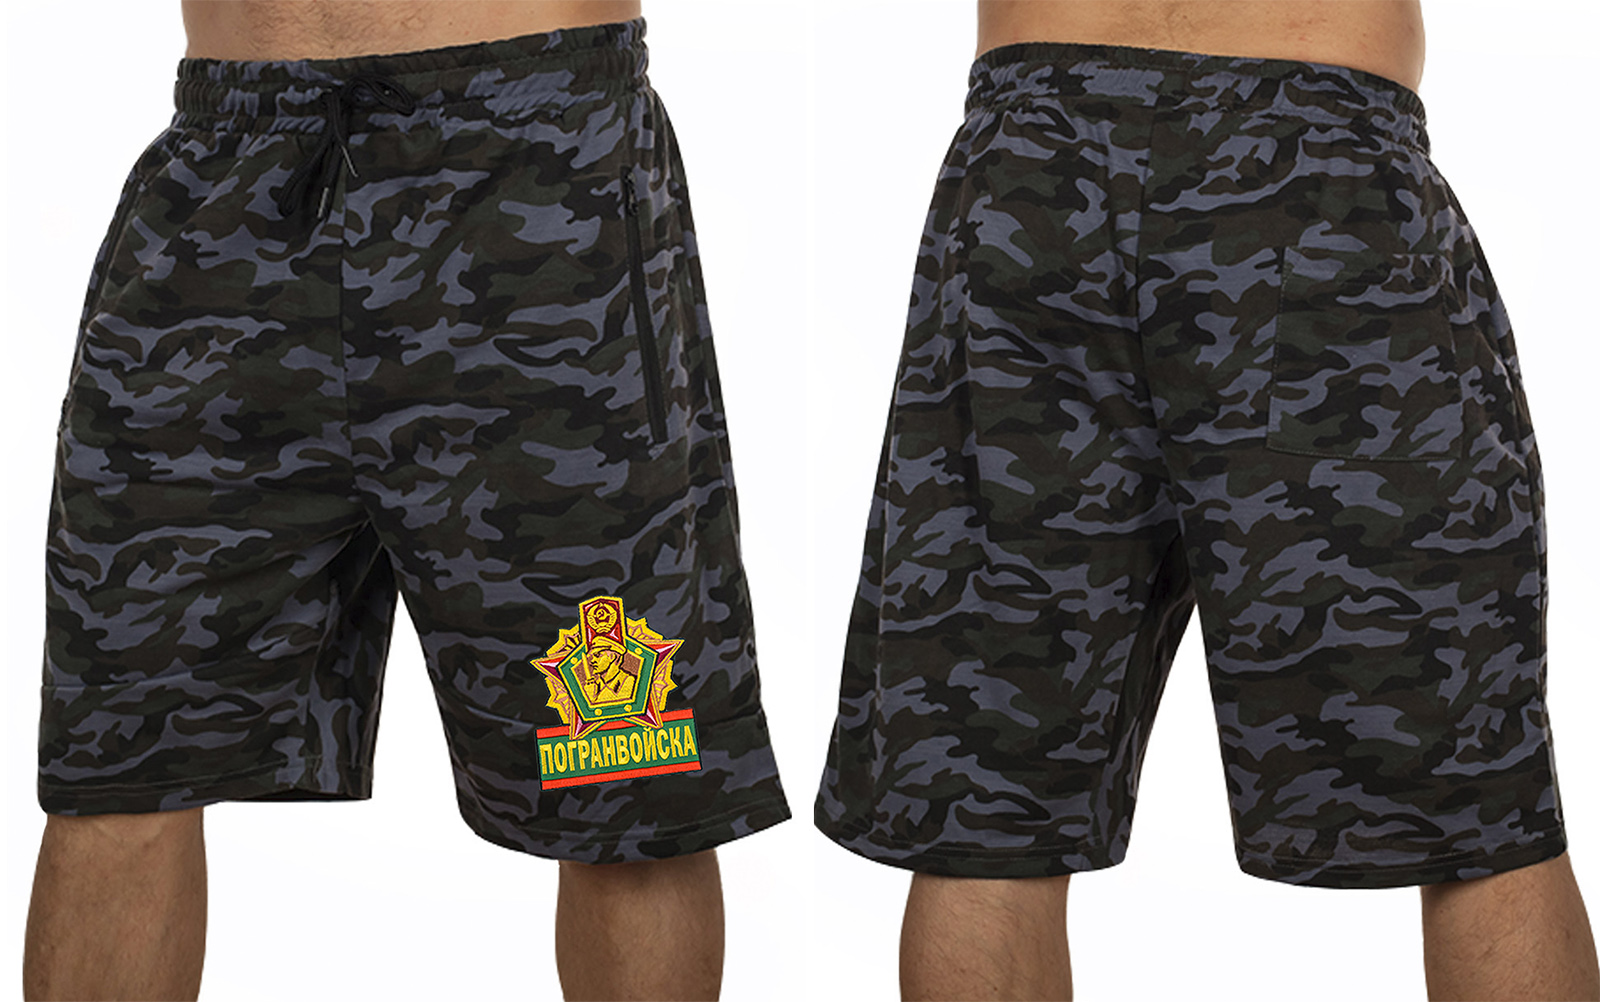 Камуфляжные мужские шорты с нашивкой Погранвойска - купить в подарок